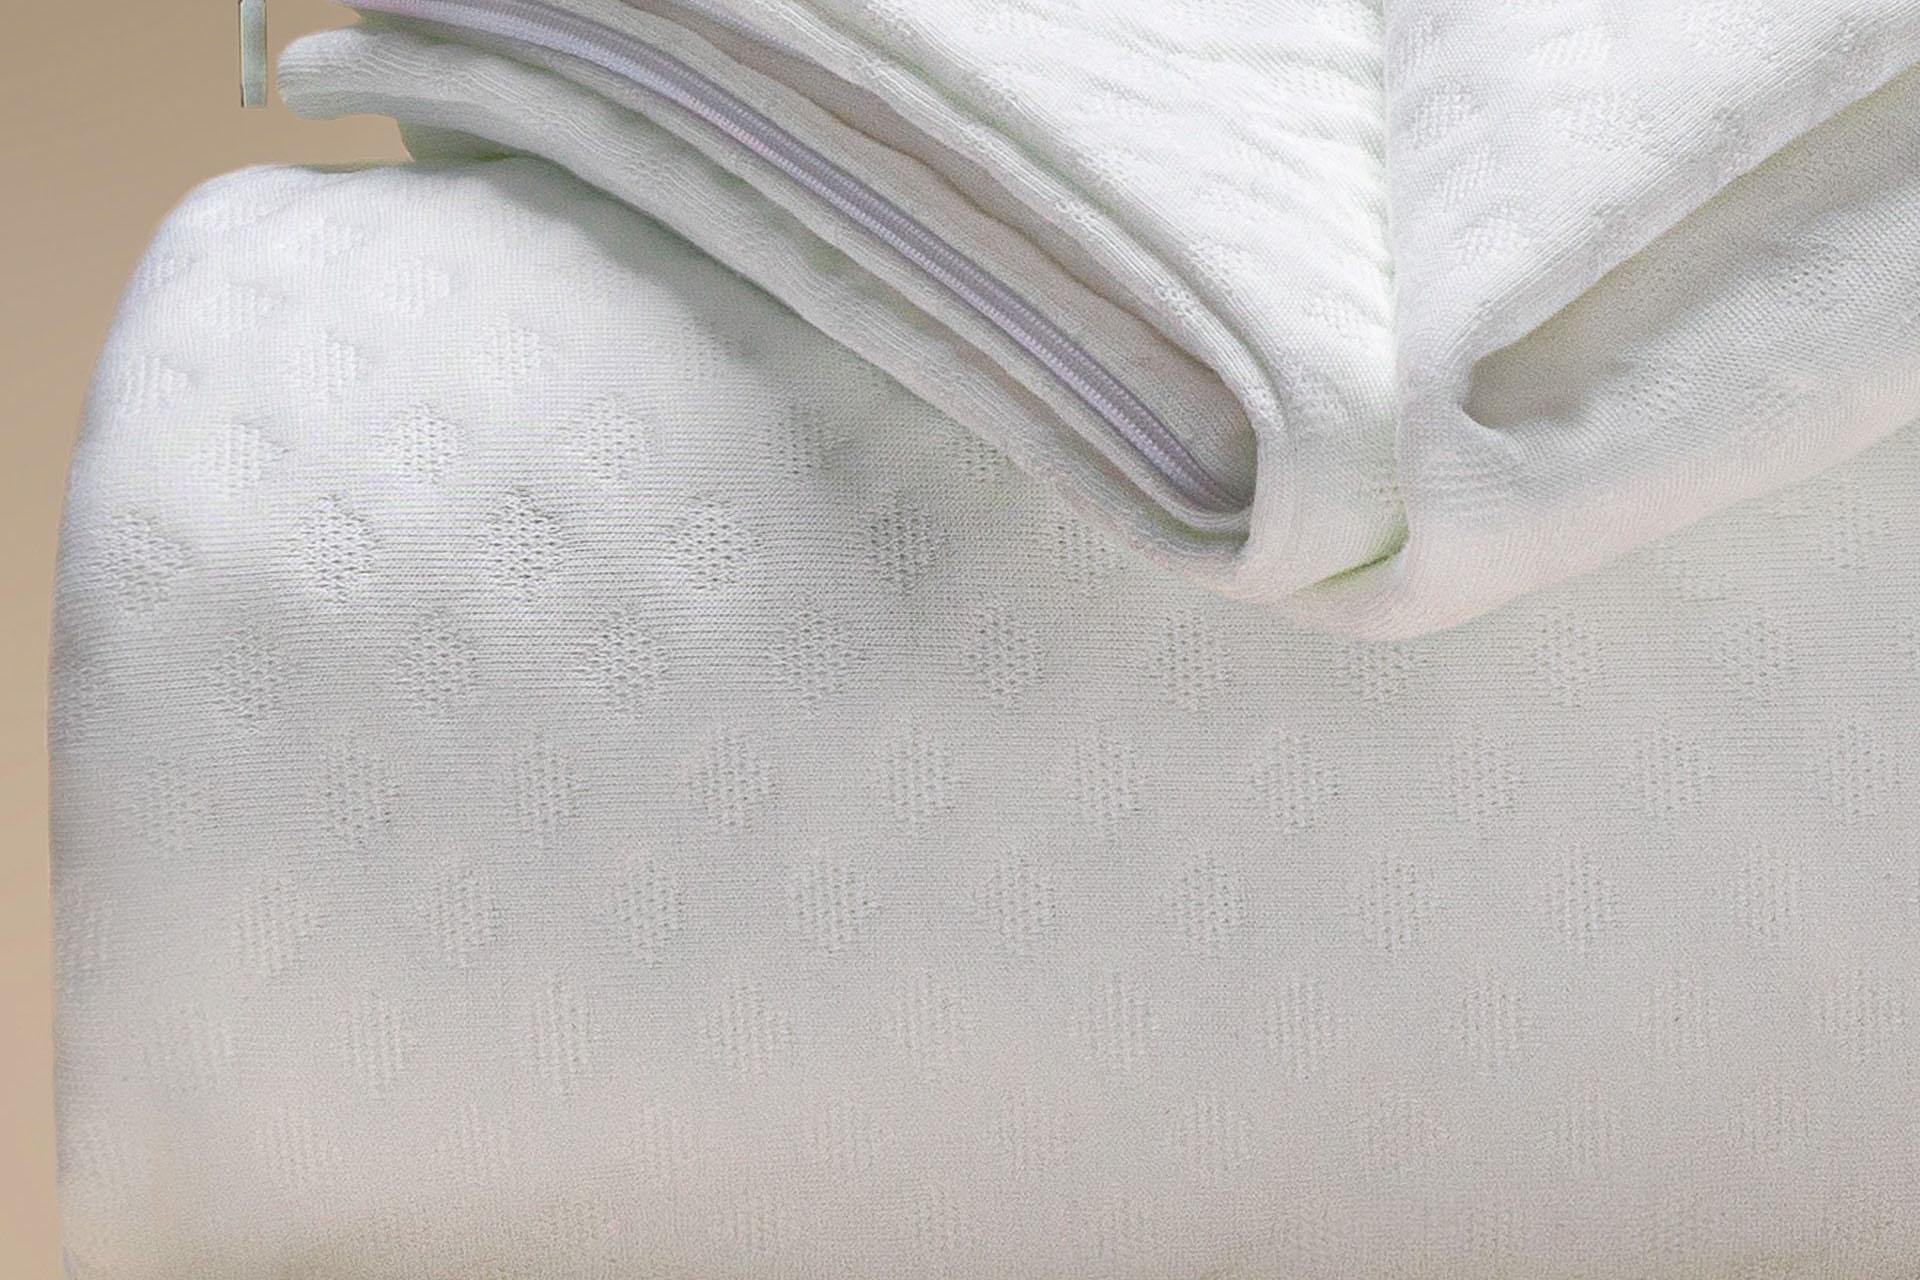 coprimaterasso a maglia semi imbottito tencel a cappuccio dettaglio